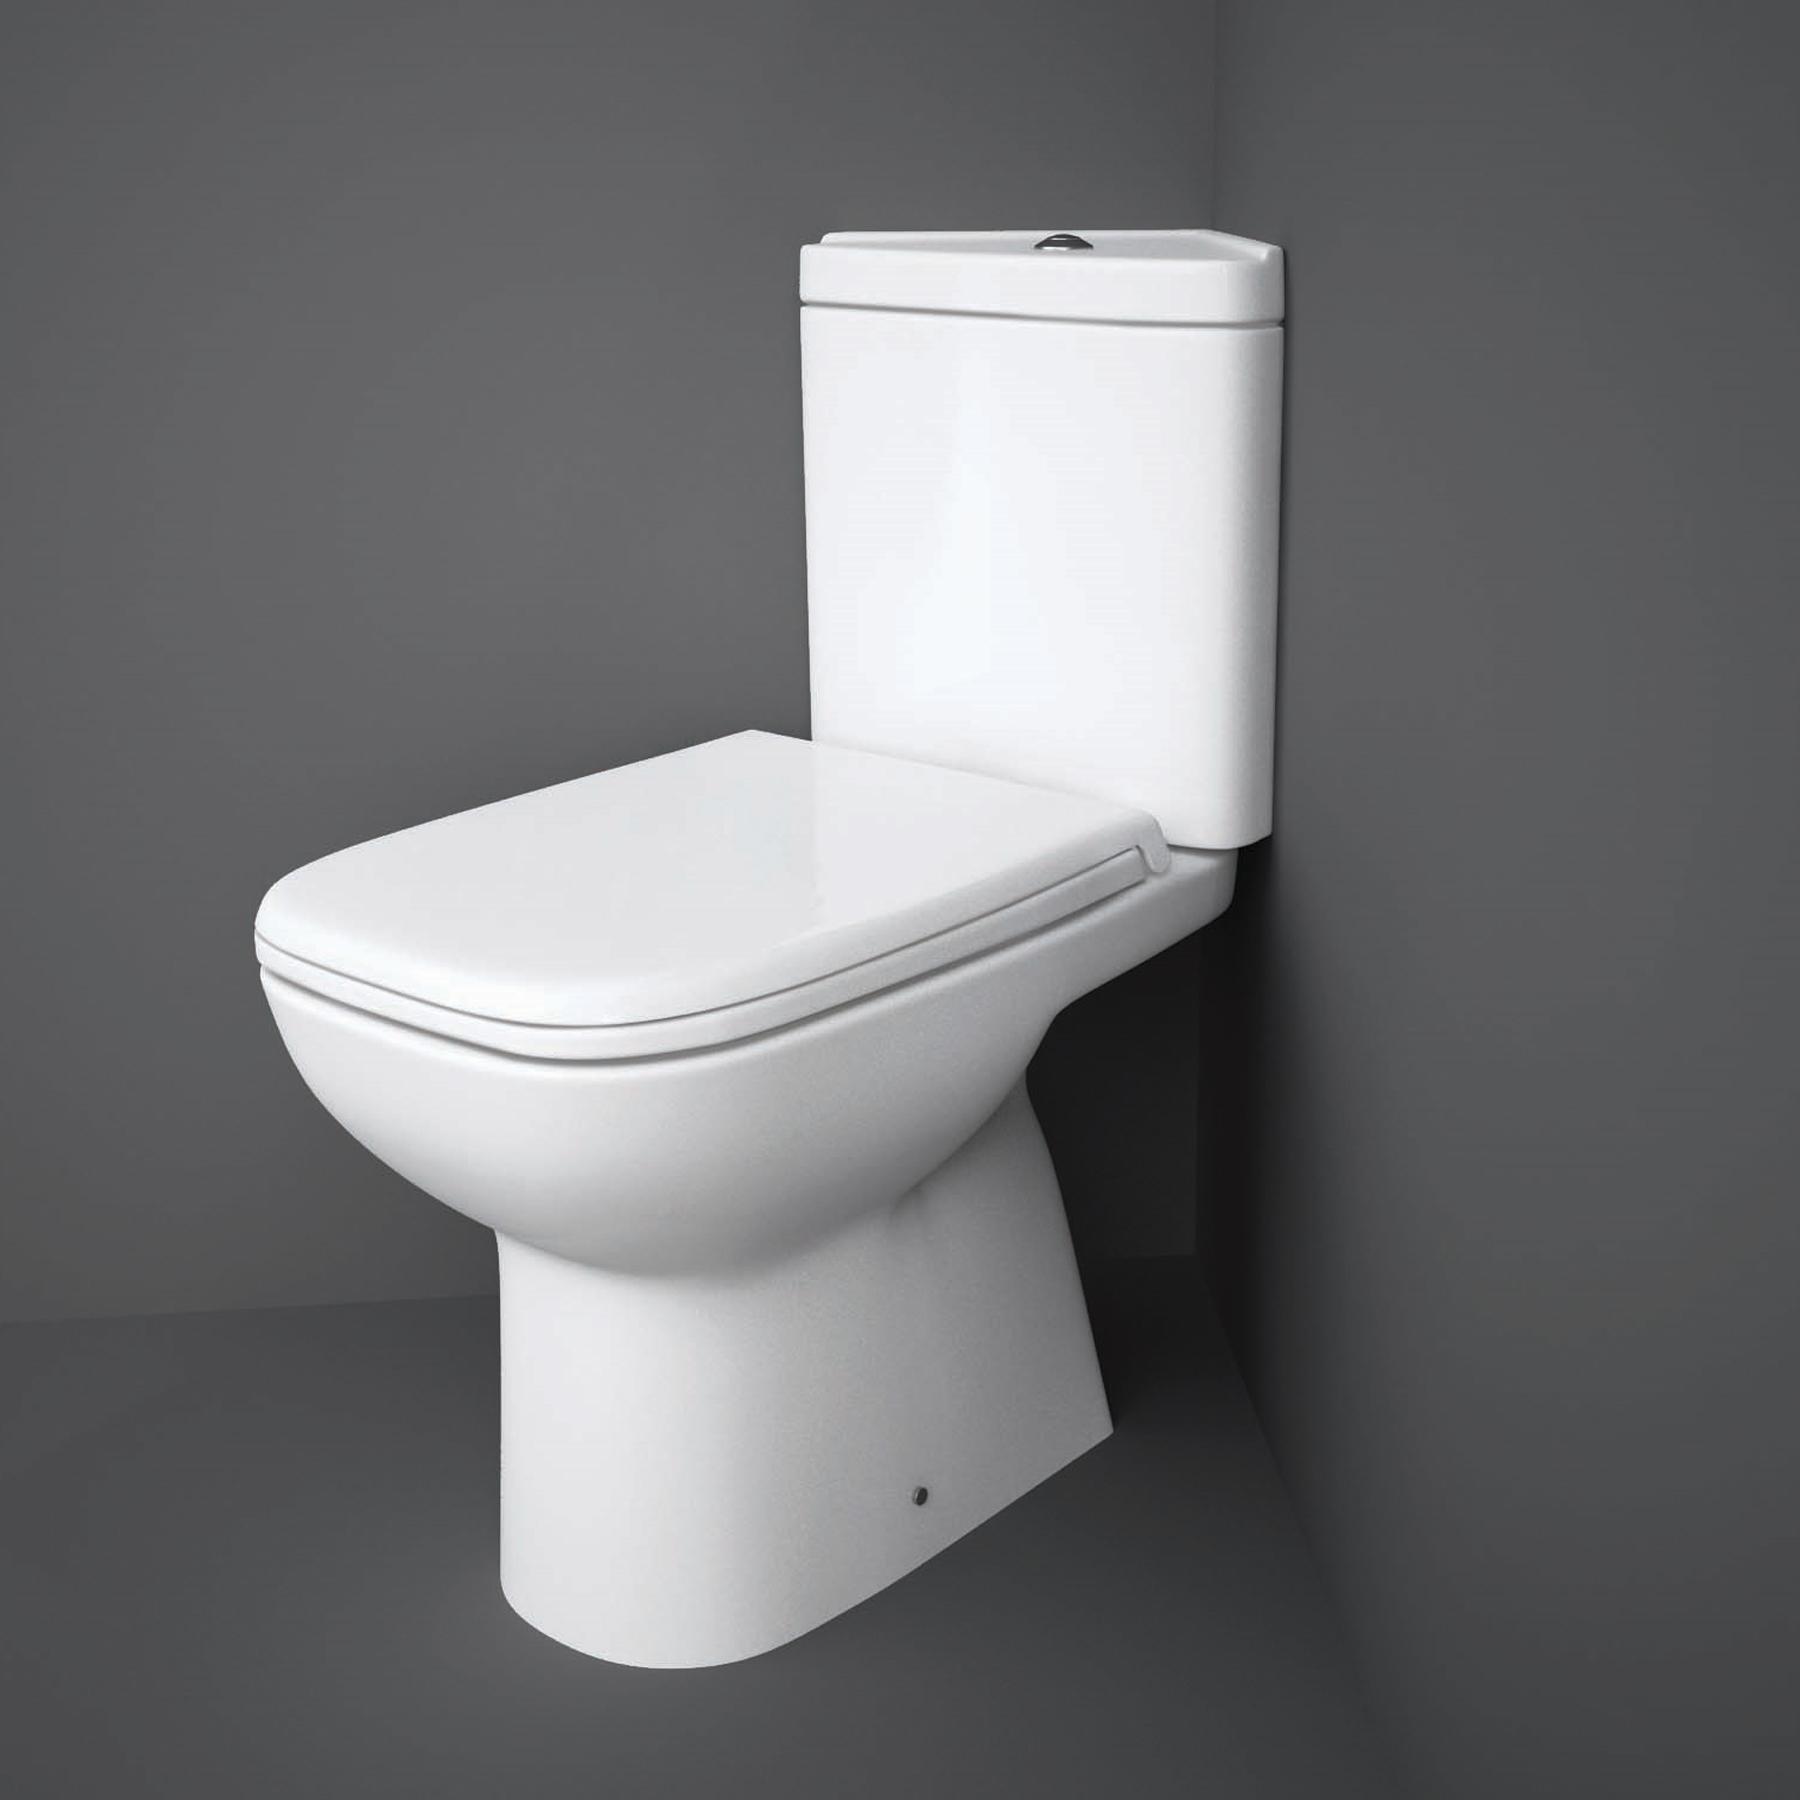 RAK Origin 62 Corner Full Access Close Coupled Toilet - PP Soft Close Seat